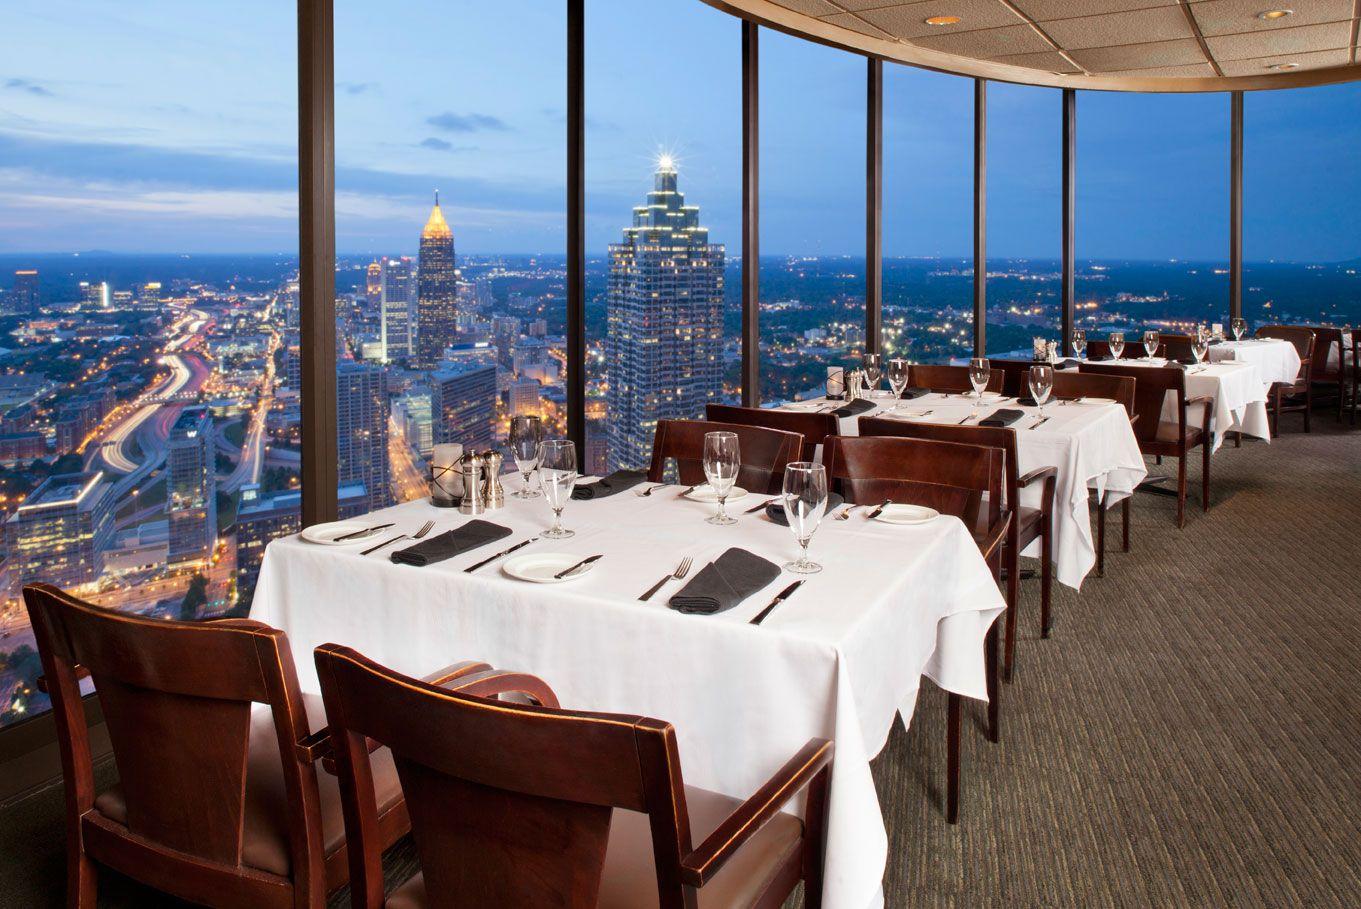 12 Restaurants To Take A Date In Atlanta Http Www Gafollowers